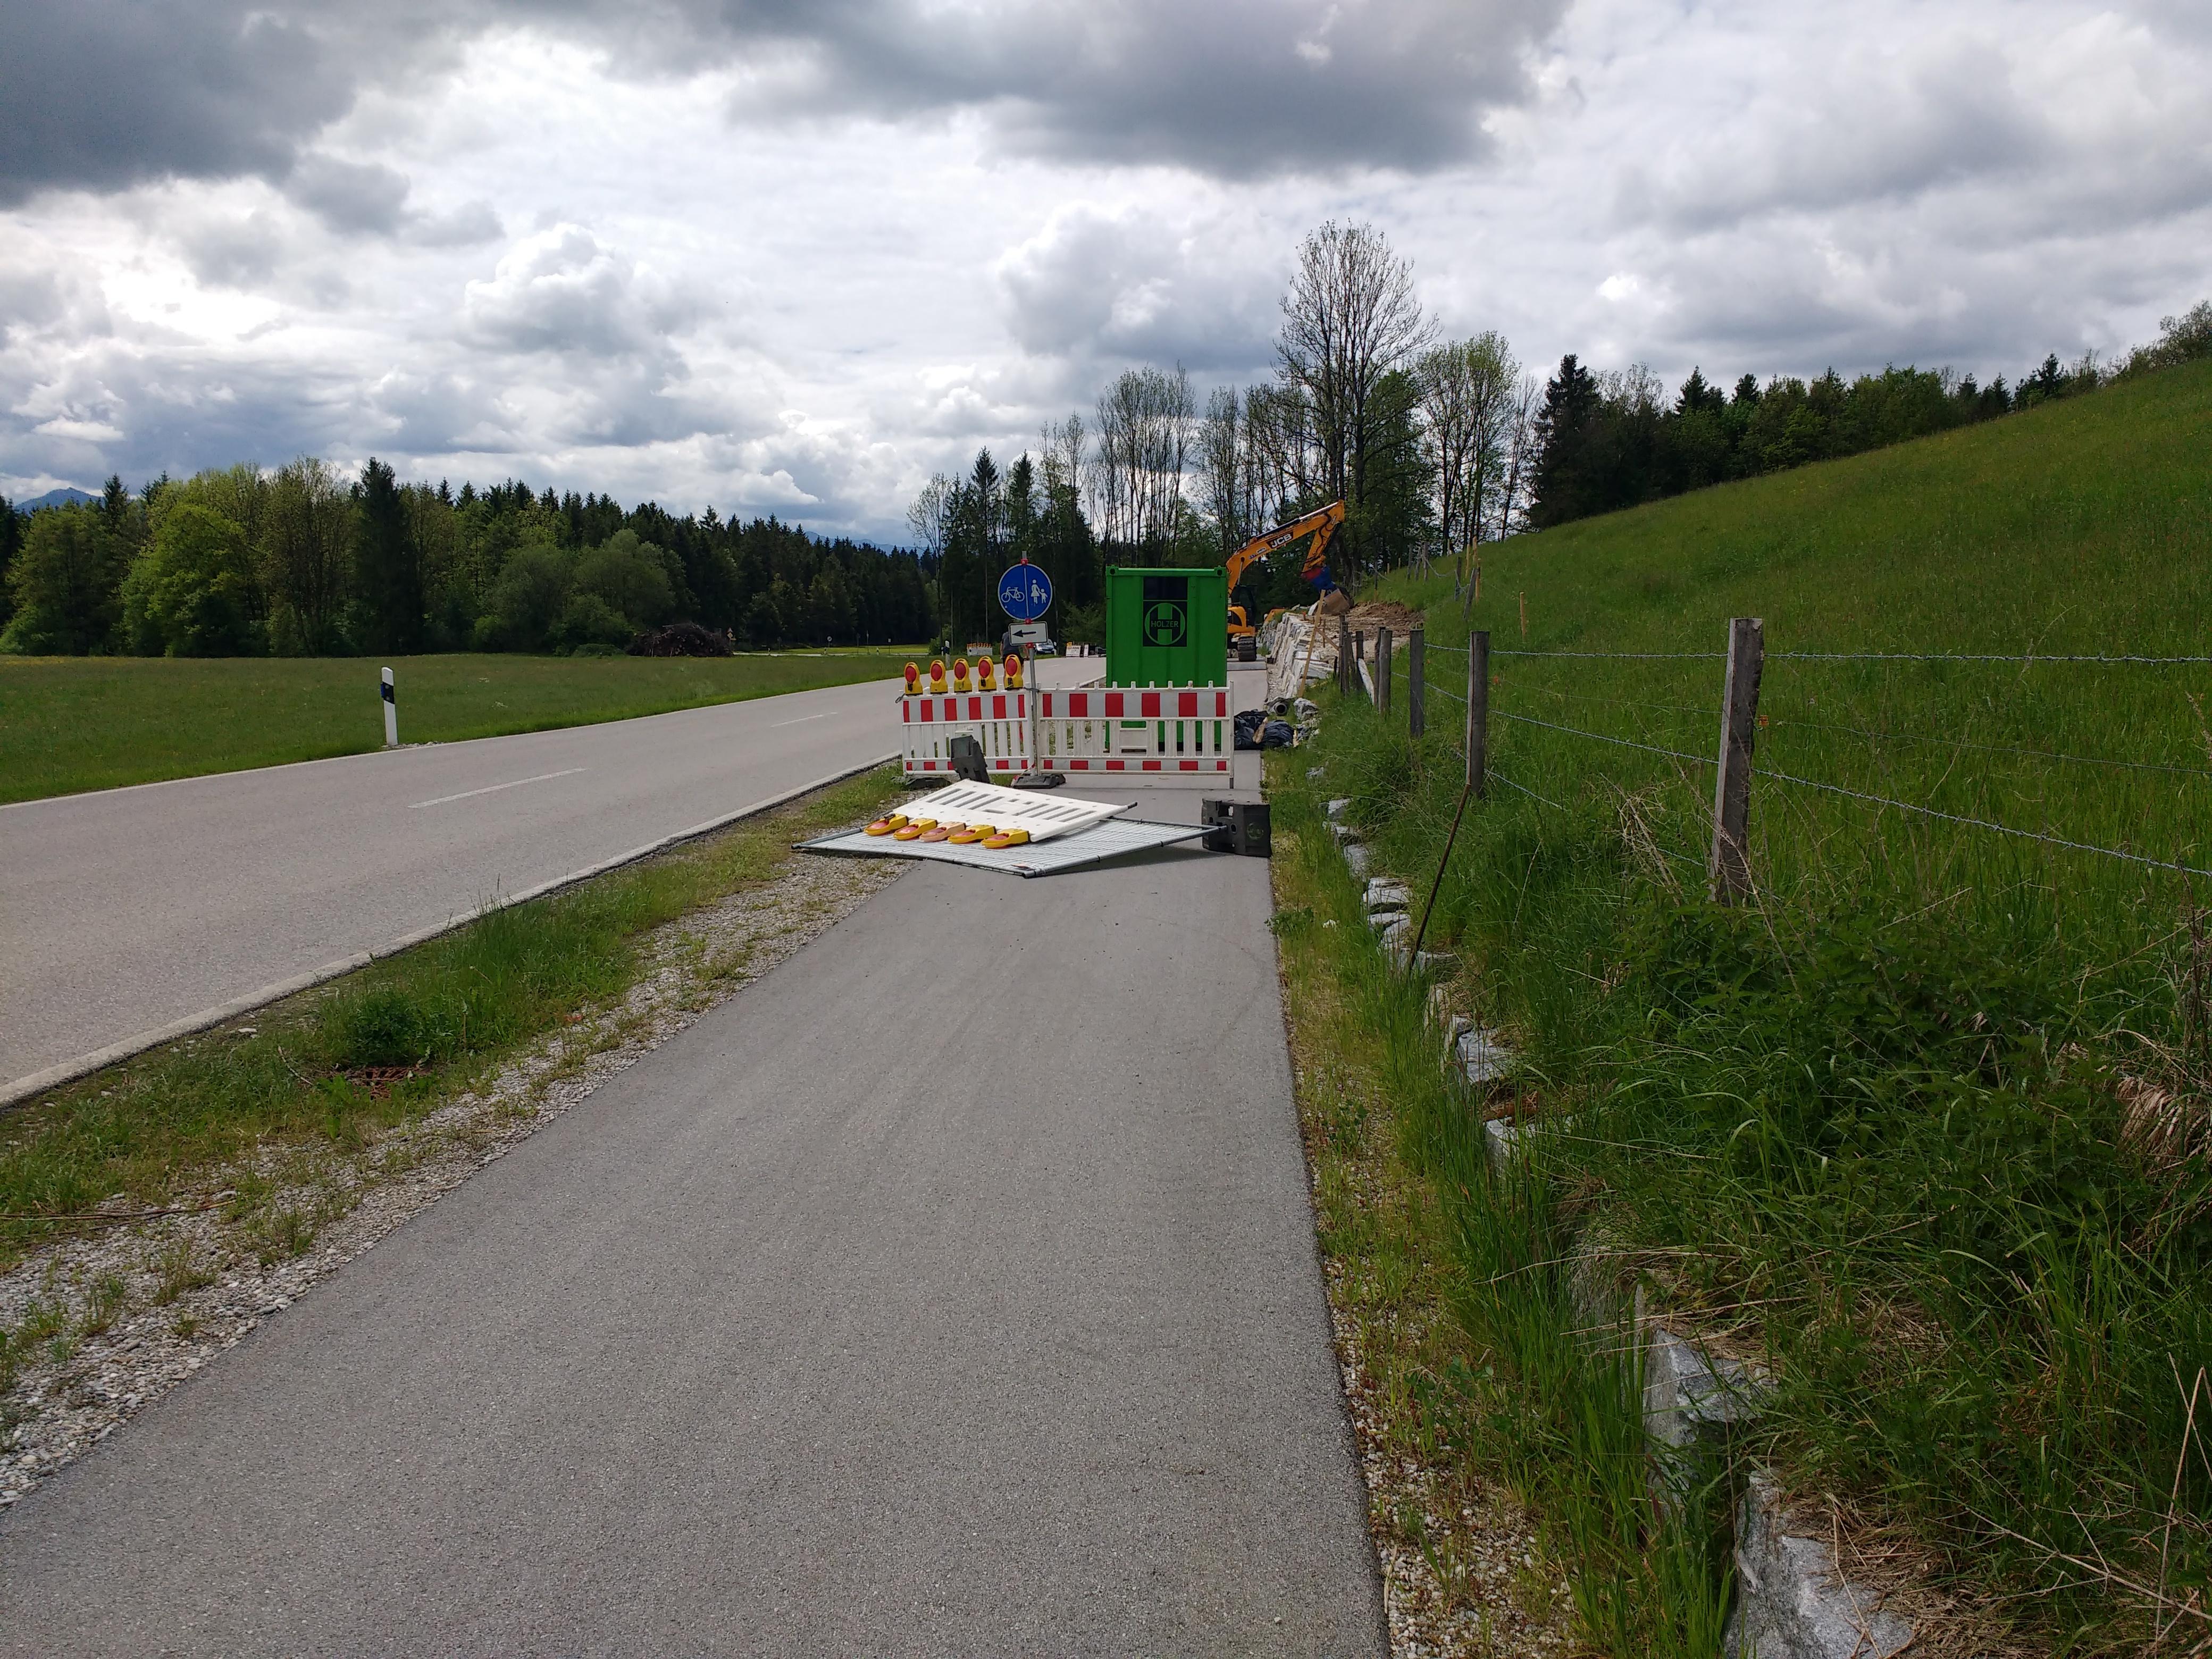 Bauzaunabsperrung mitten auf einem Radweg